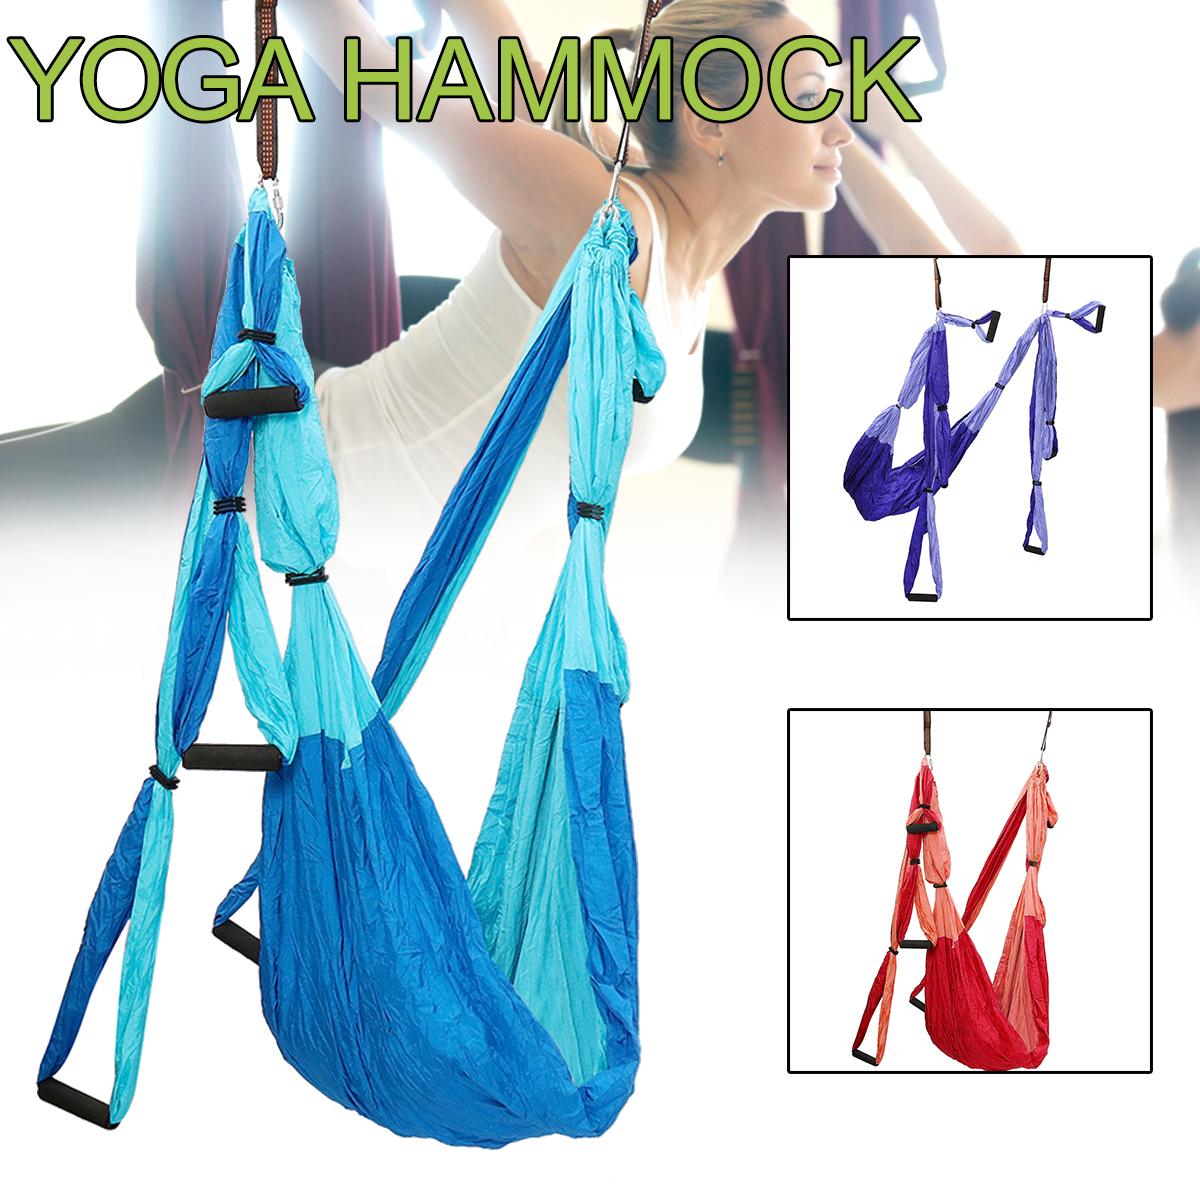 Yoga Hammock Decompression Aerial Yoga Swing Yoga Silk At